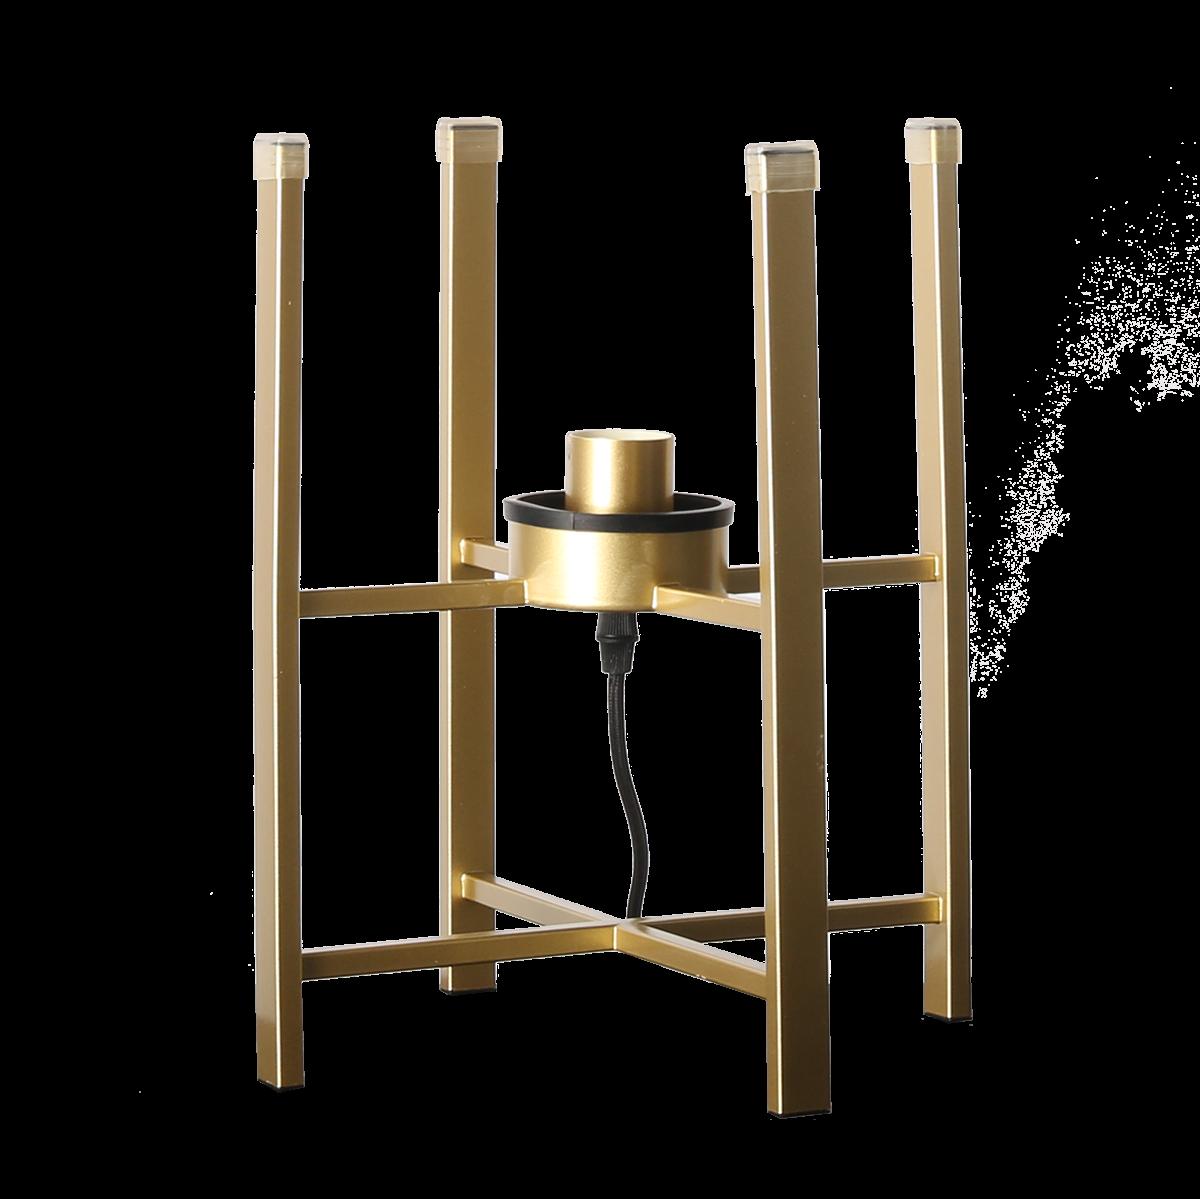 Tafellamp Larino base goud